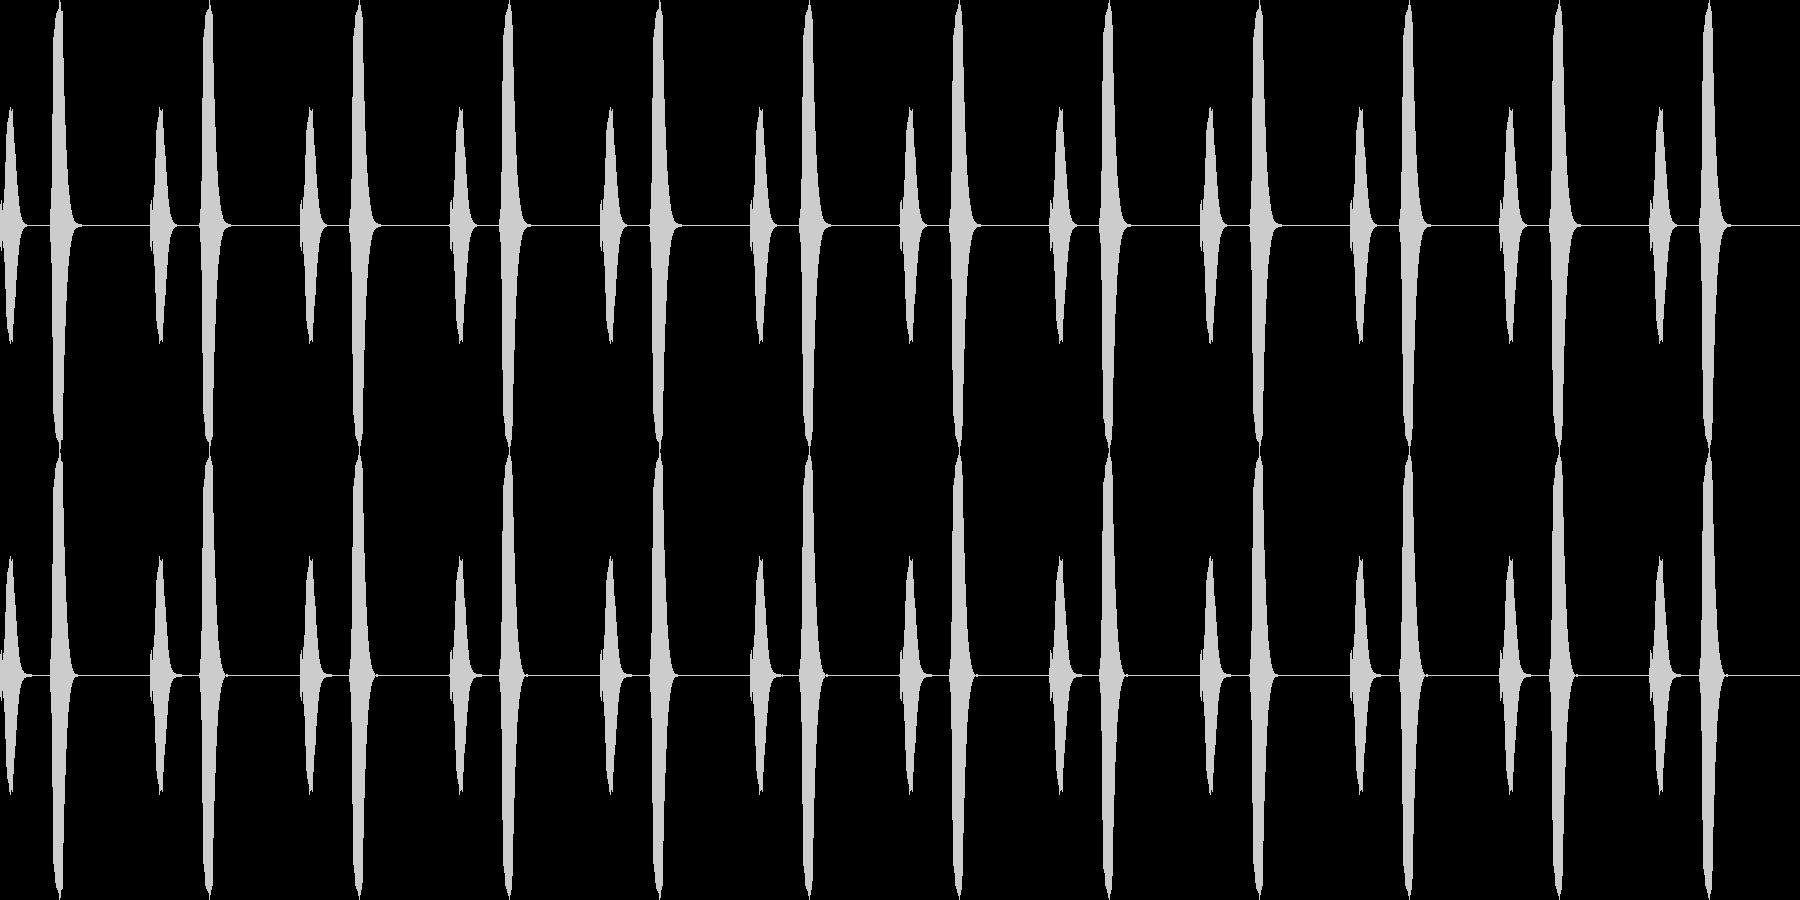 ポッポー...。鳩時計の時報B(高・長)の未再生の波形